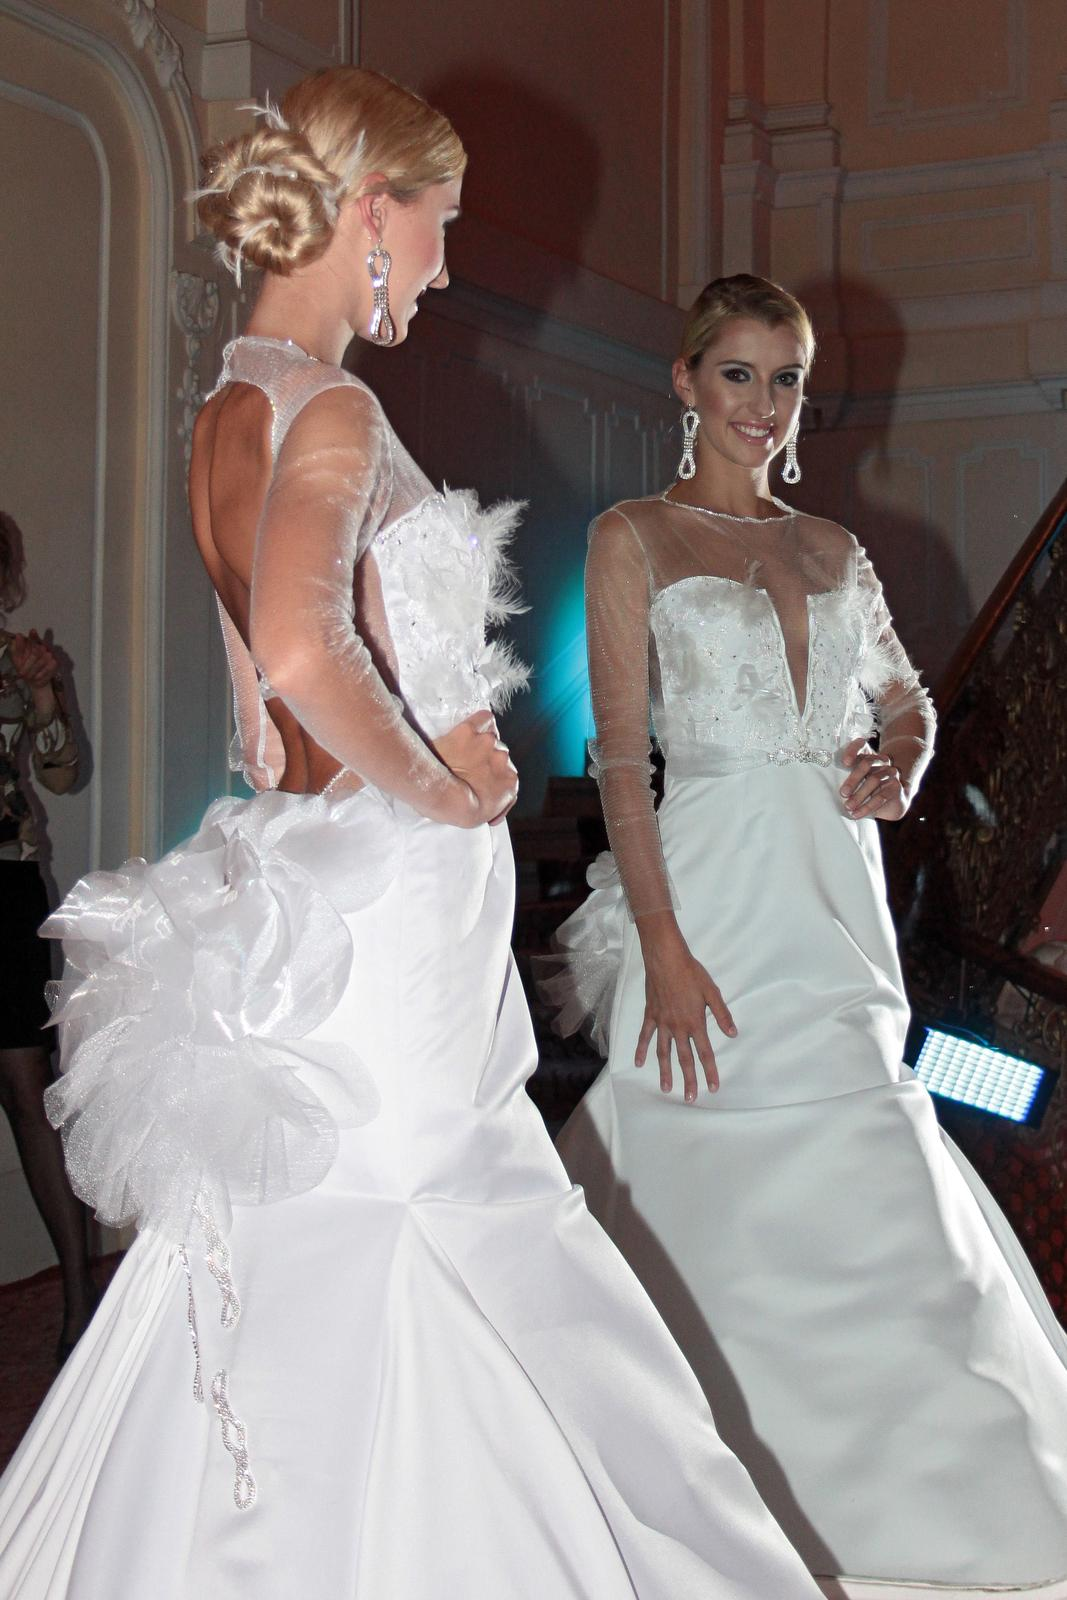 OdvarkaBijoux a Svatební šaty roku - náušnice i další bižuterní doplňky z dílny OdvarkaBijoux